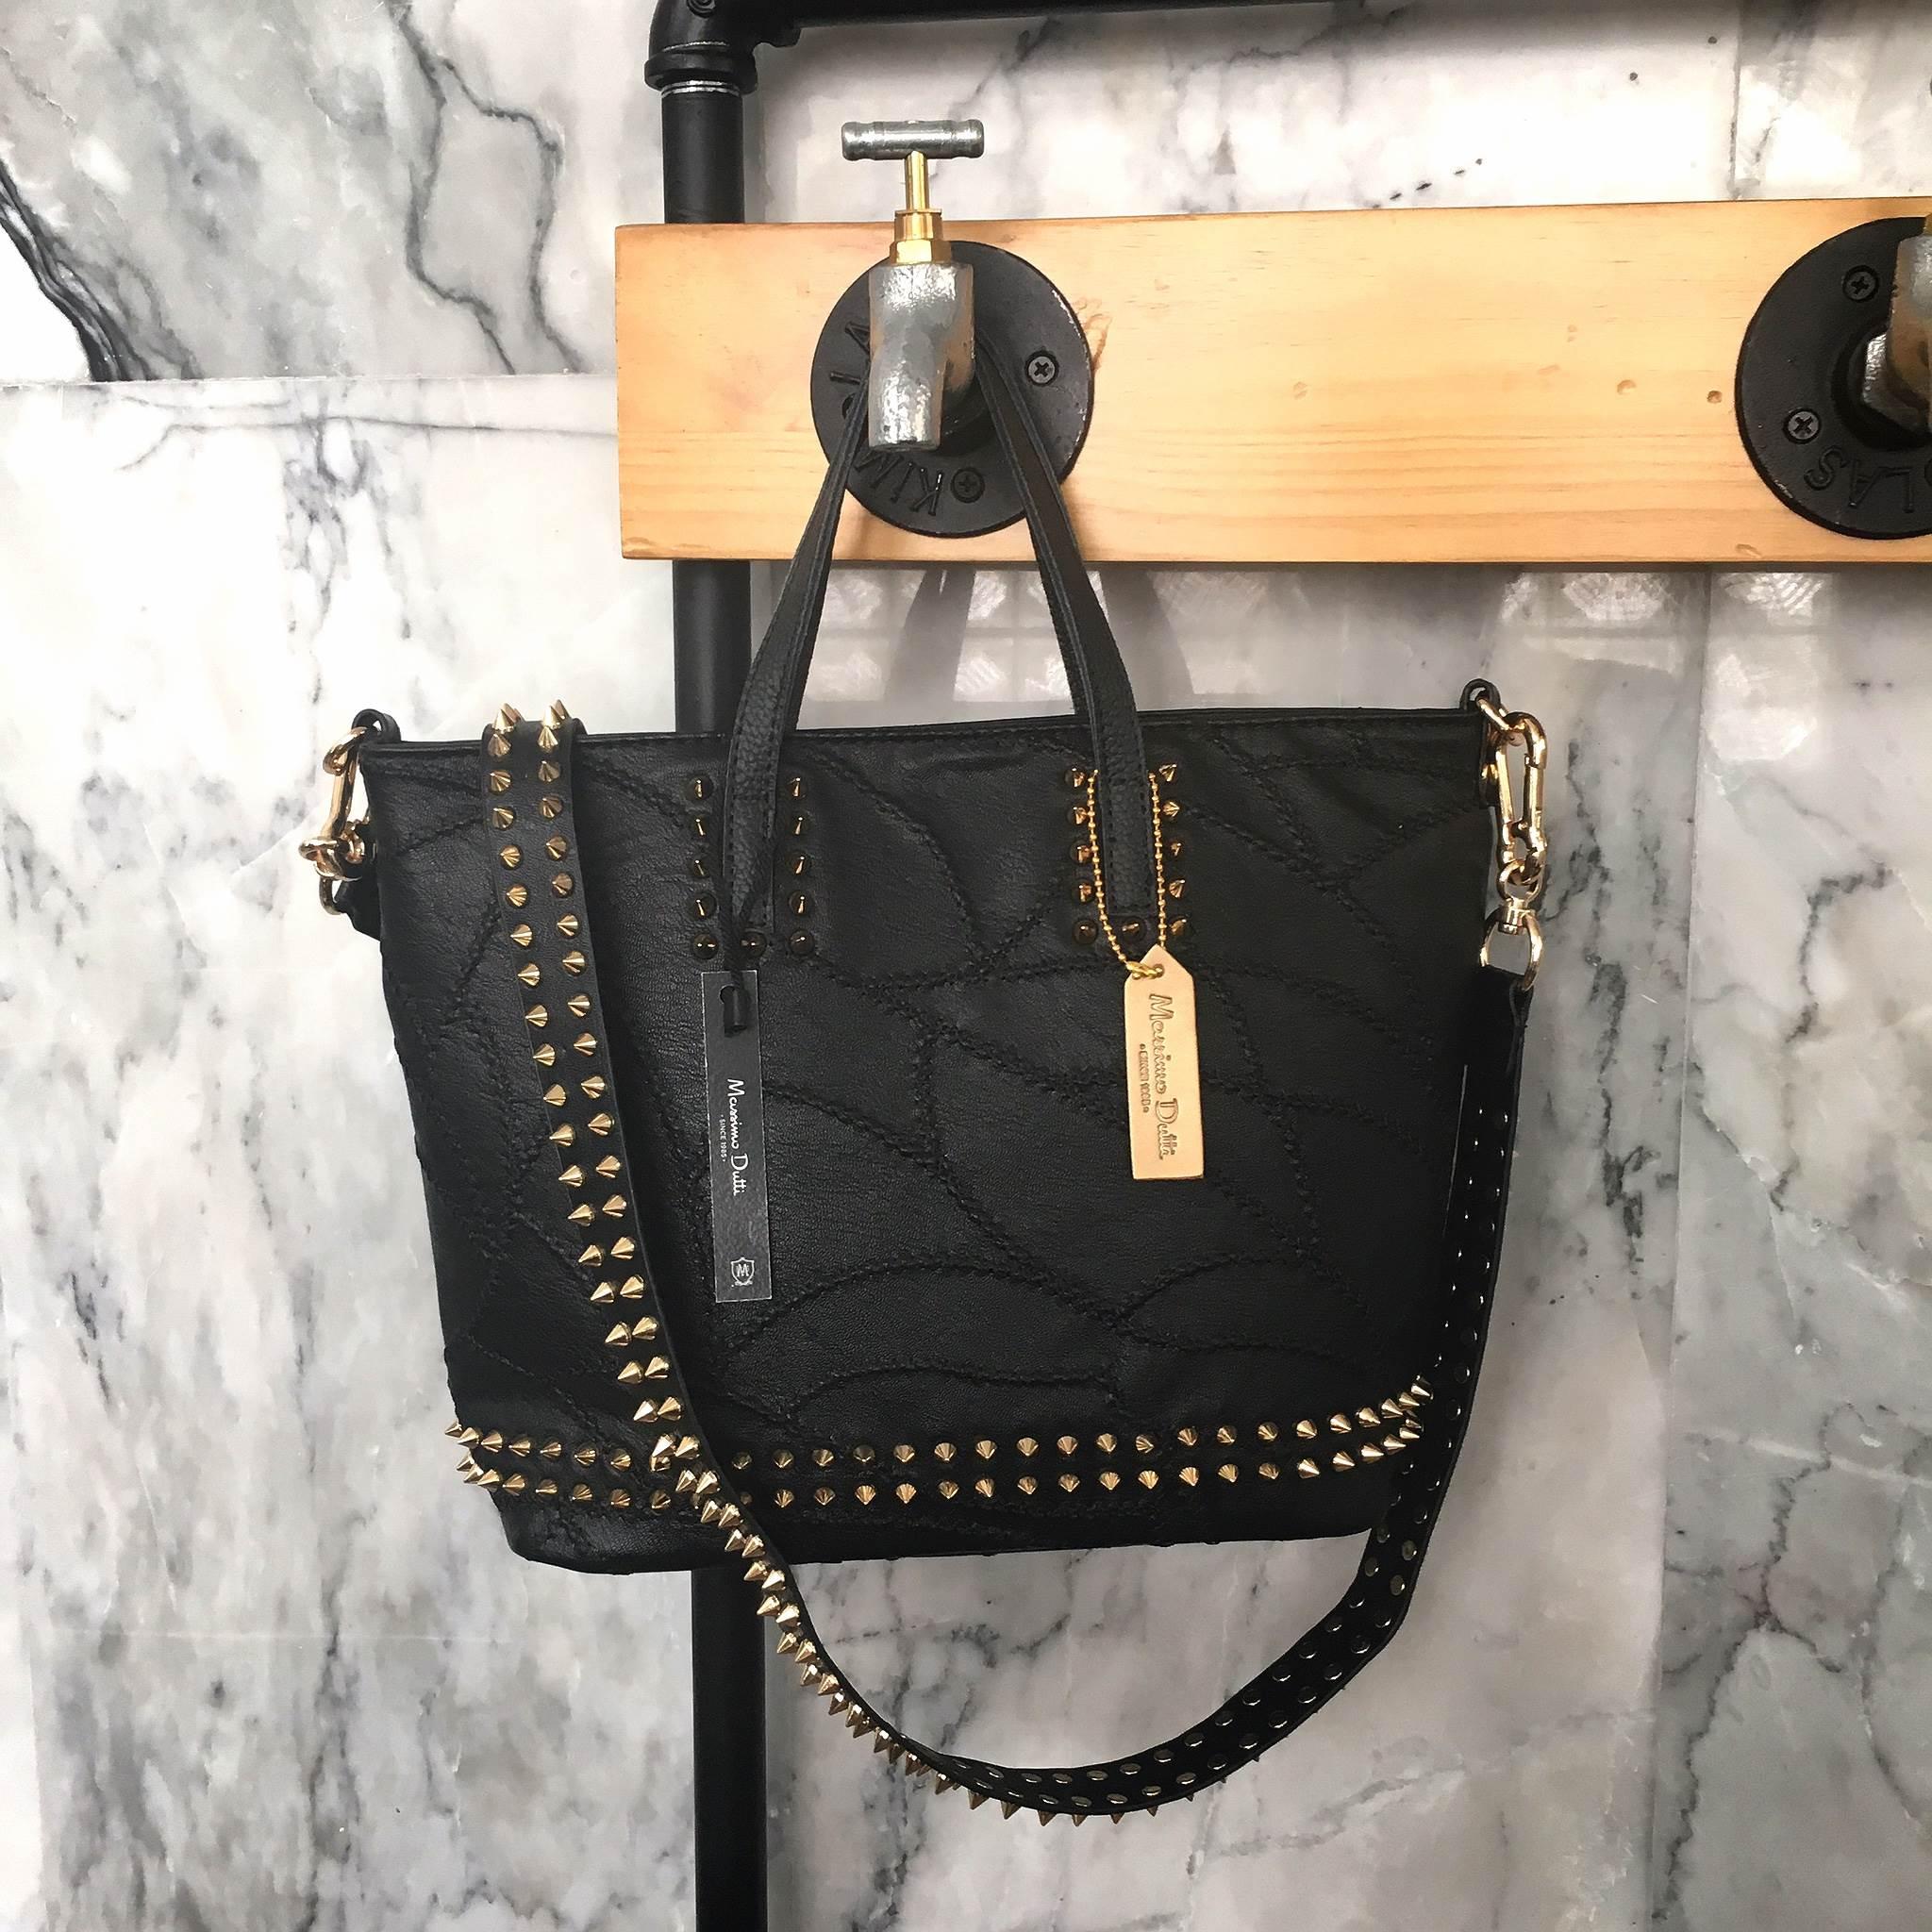 กระเป๋า Massimo Dutti Mini Tote Mix Leather Style ราคา 1,490 บาท Free Ems #มีเสน่ห์น่าค้นหา